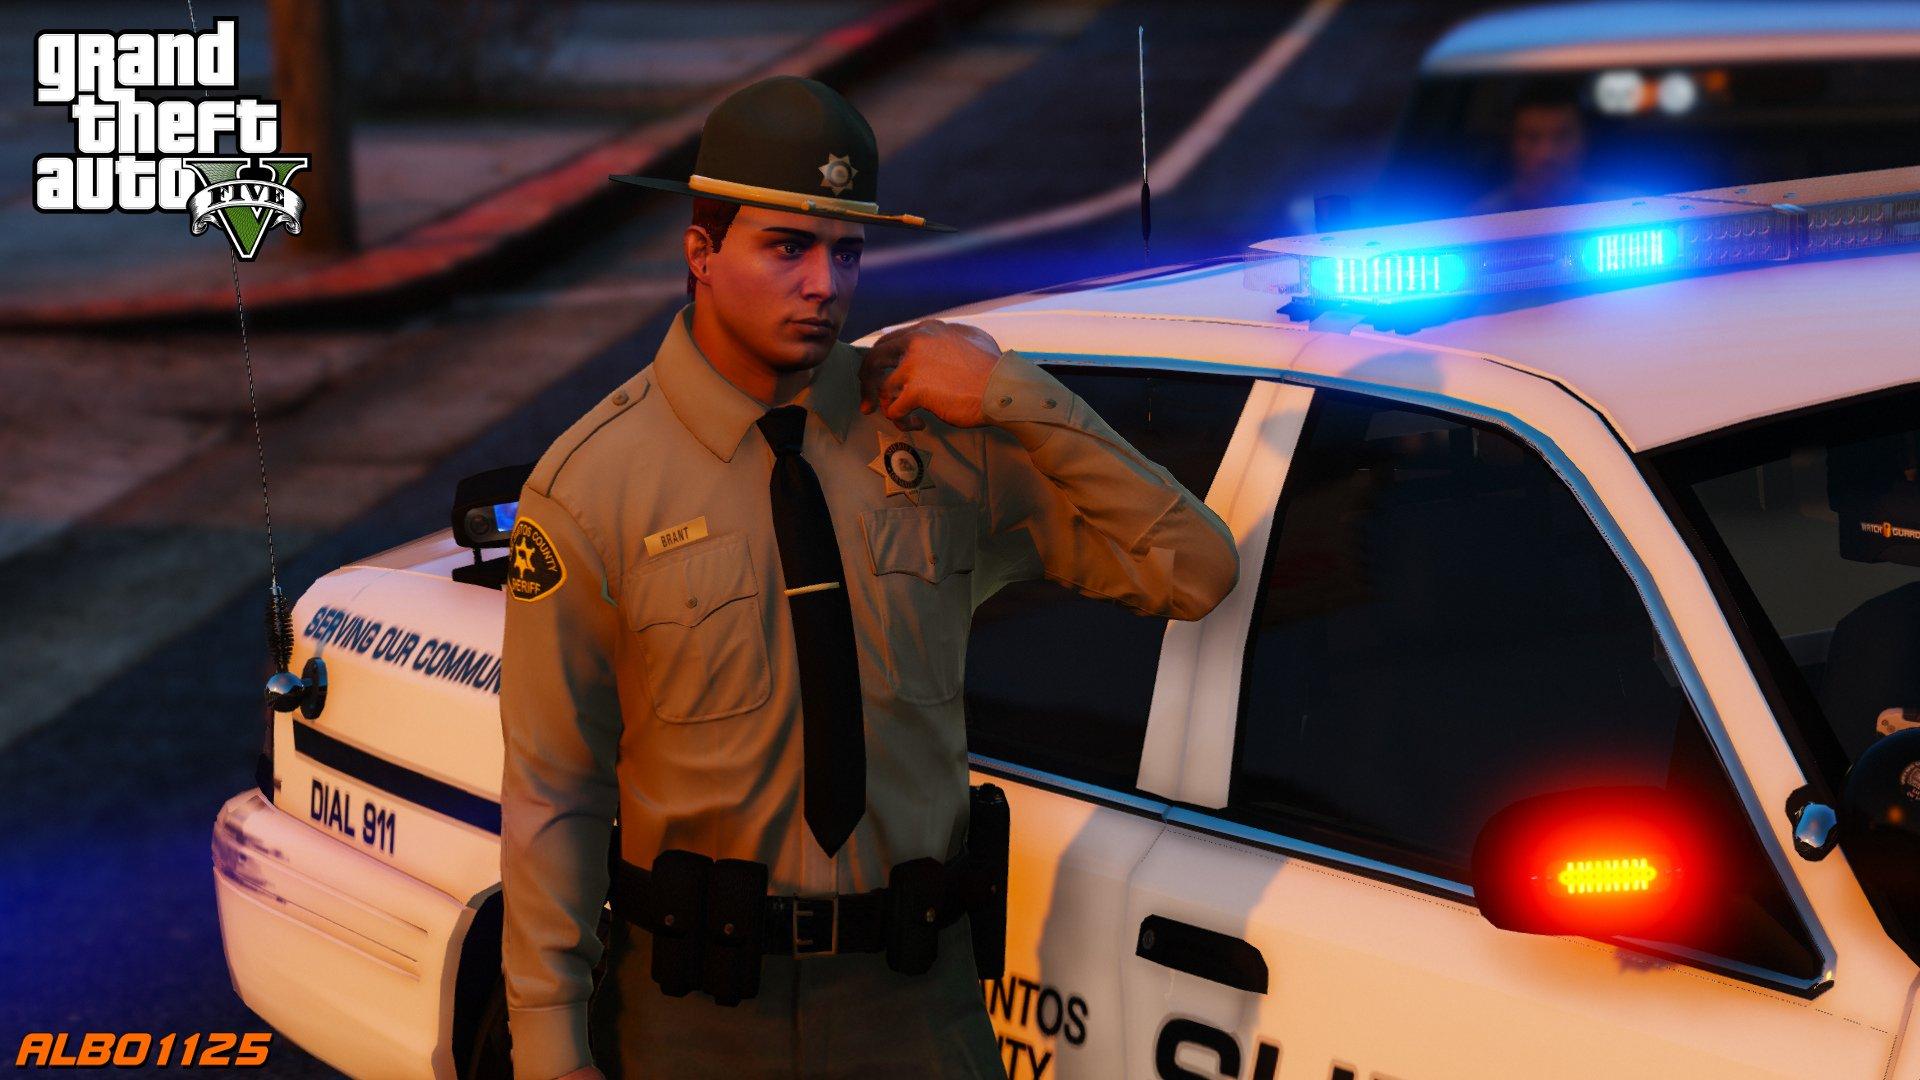 Police SmartRadio